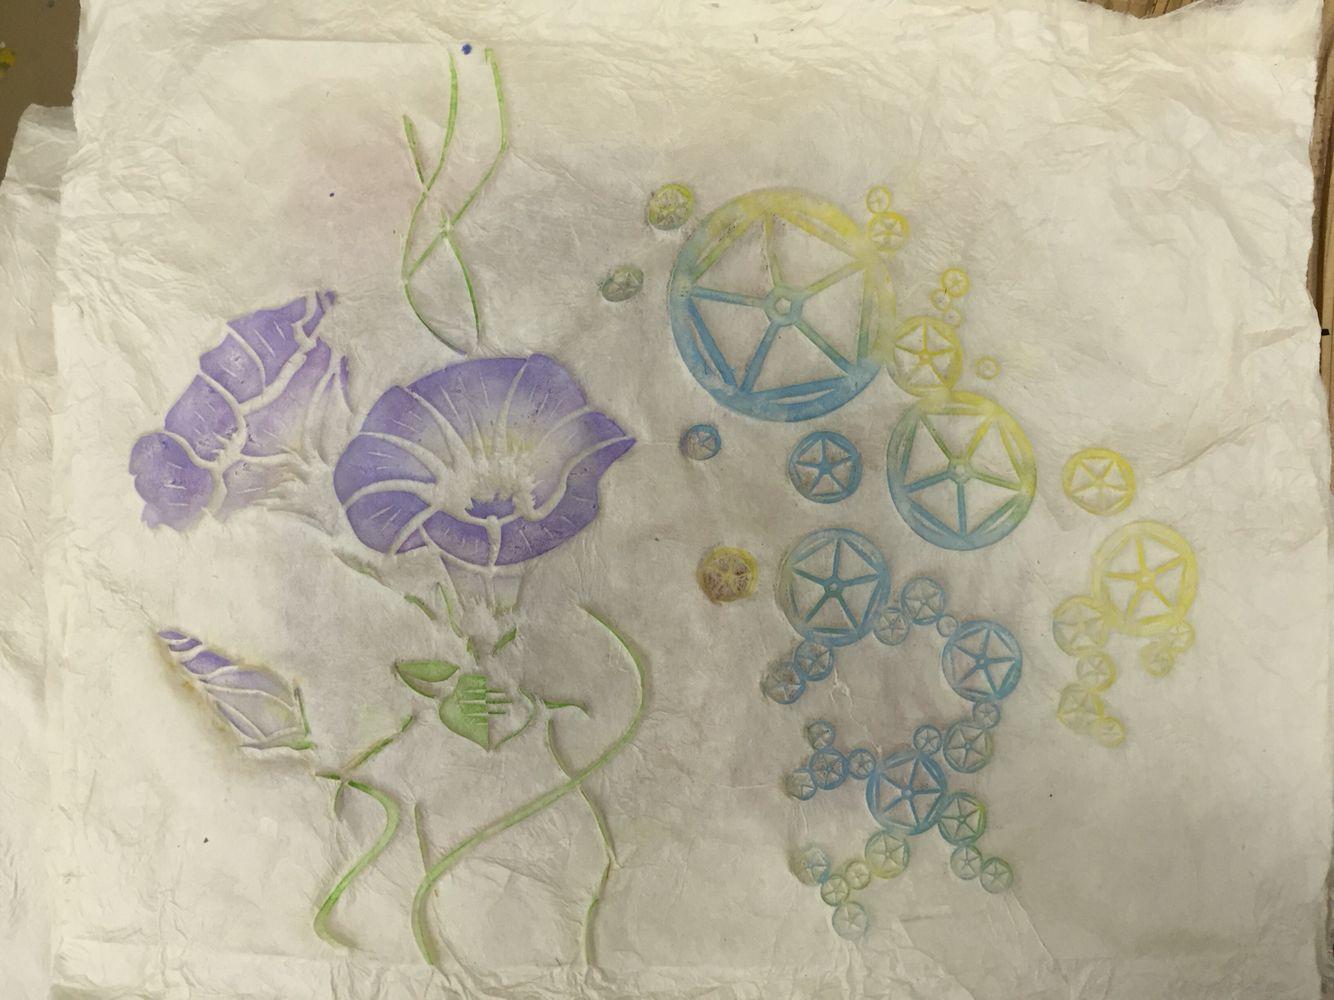 [C]職人さんの手ほどきを受けながら手漉き和紙の作成及び拓本染めを体験して作った作品。  自分でアサガオをモチーフにデザインした。